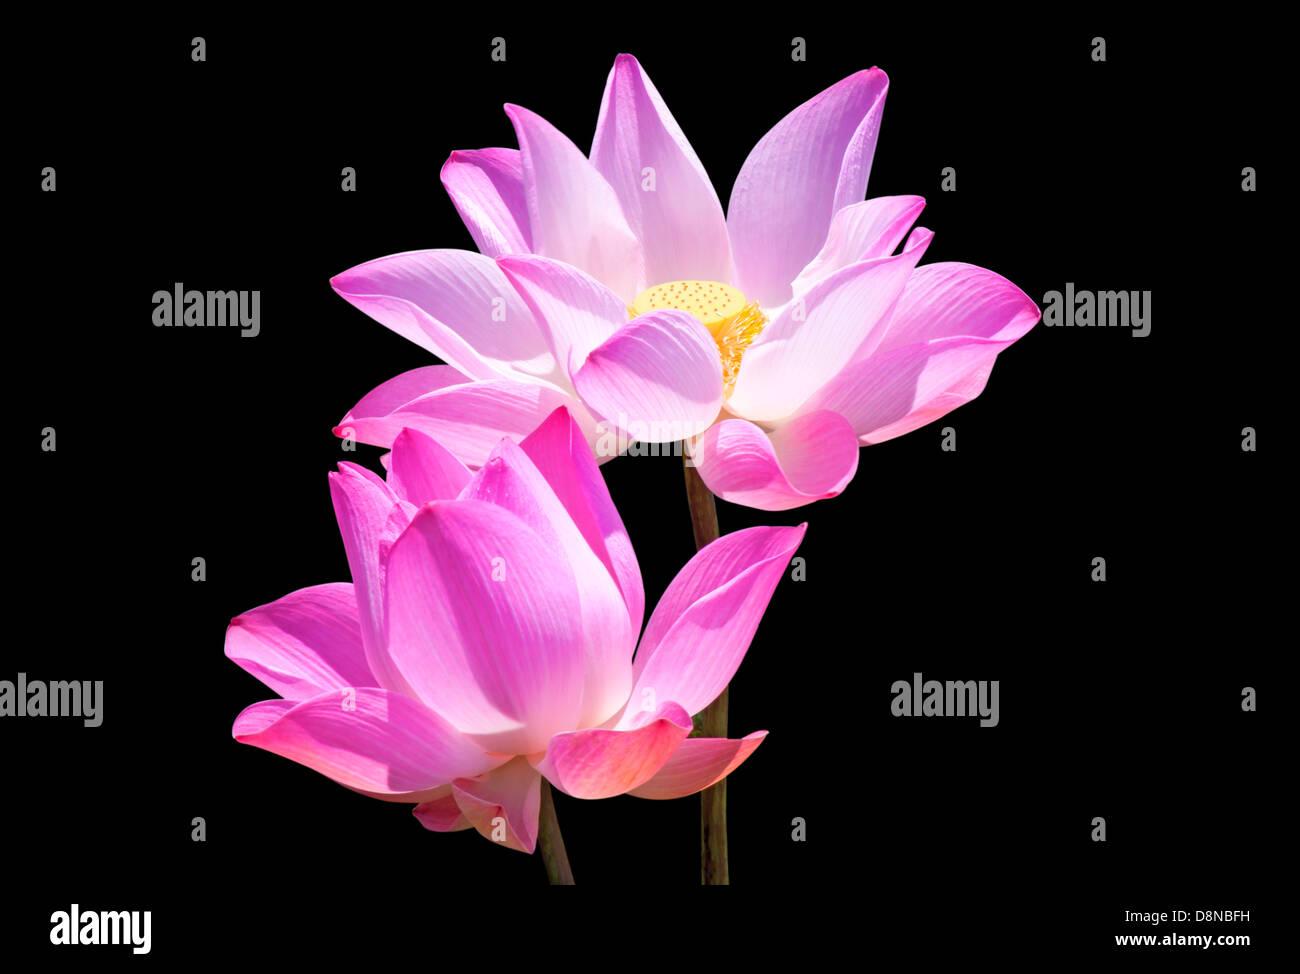 Beautiful lotus lotus flower isolated on black background stock beautiful lotus lotus flower isolated on black background izmirmasajfo